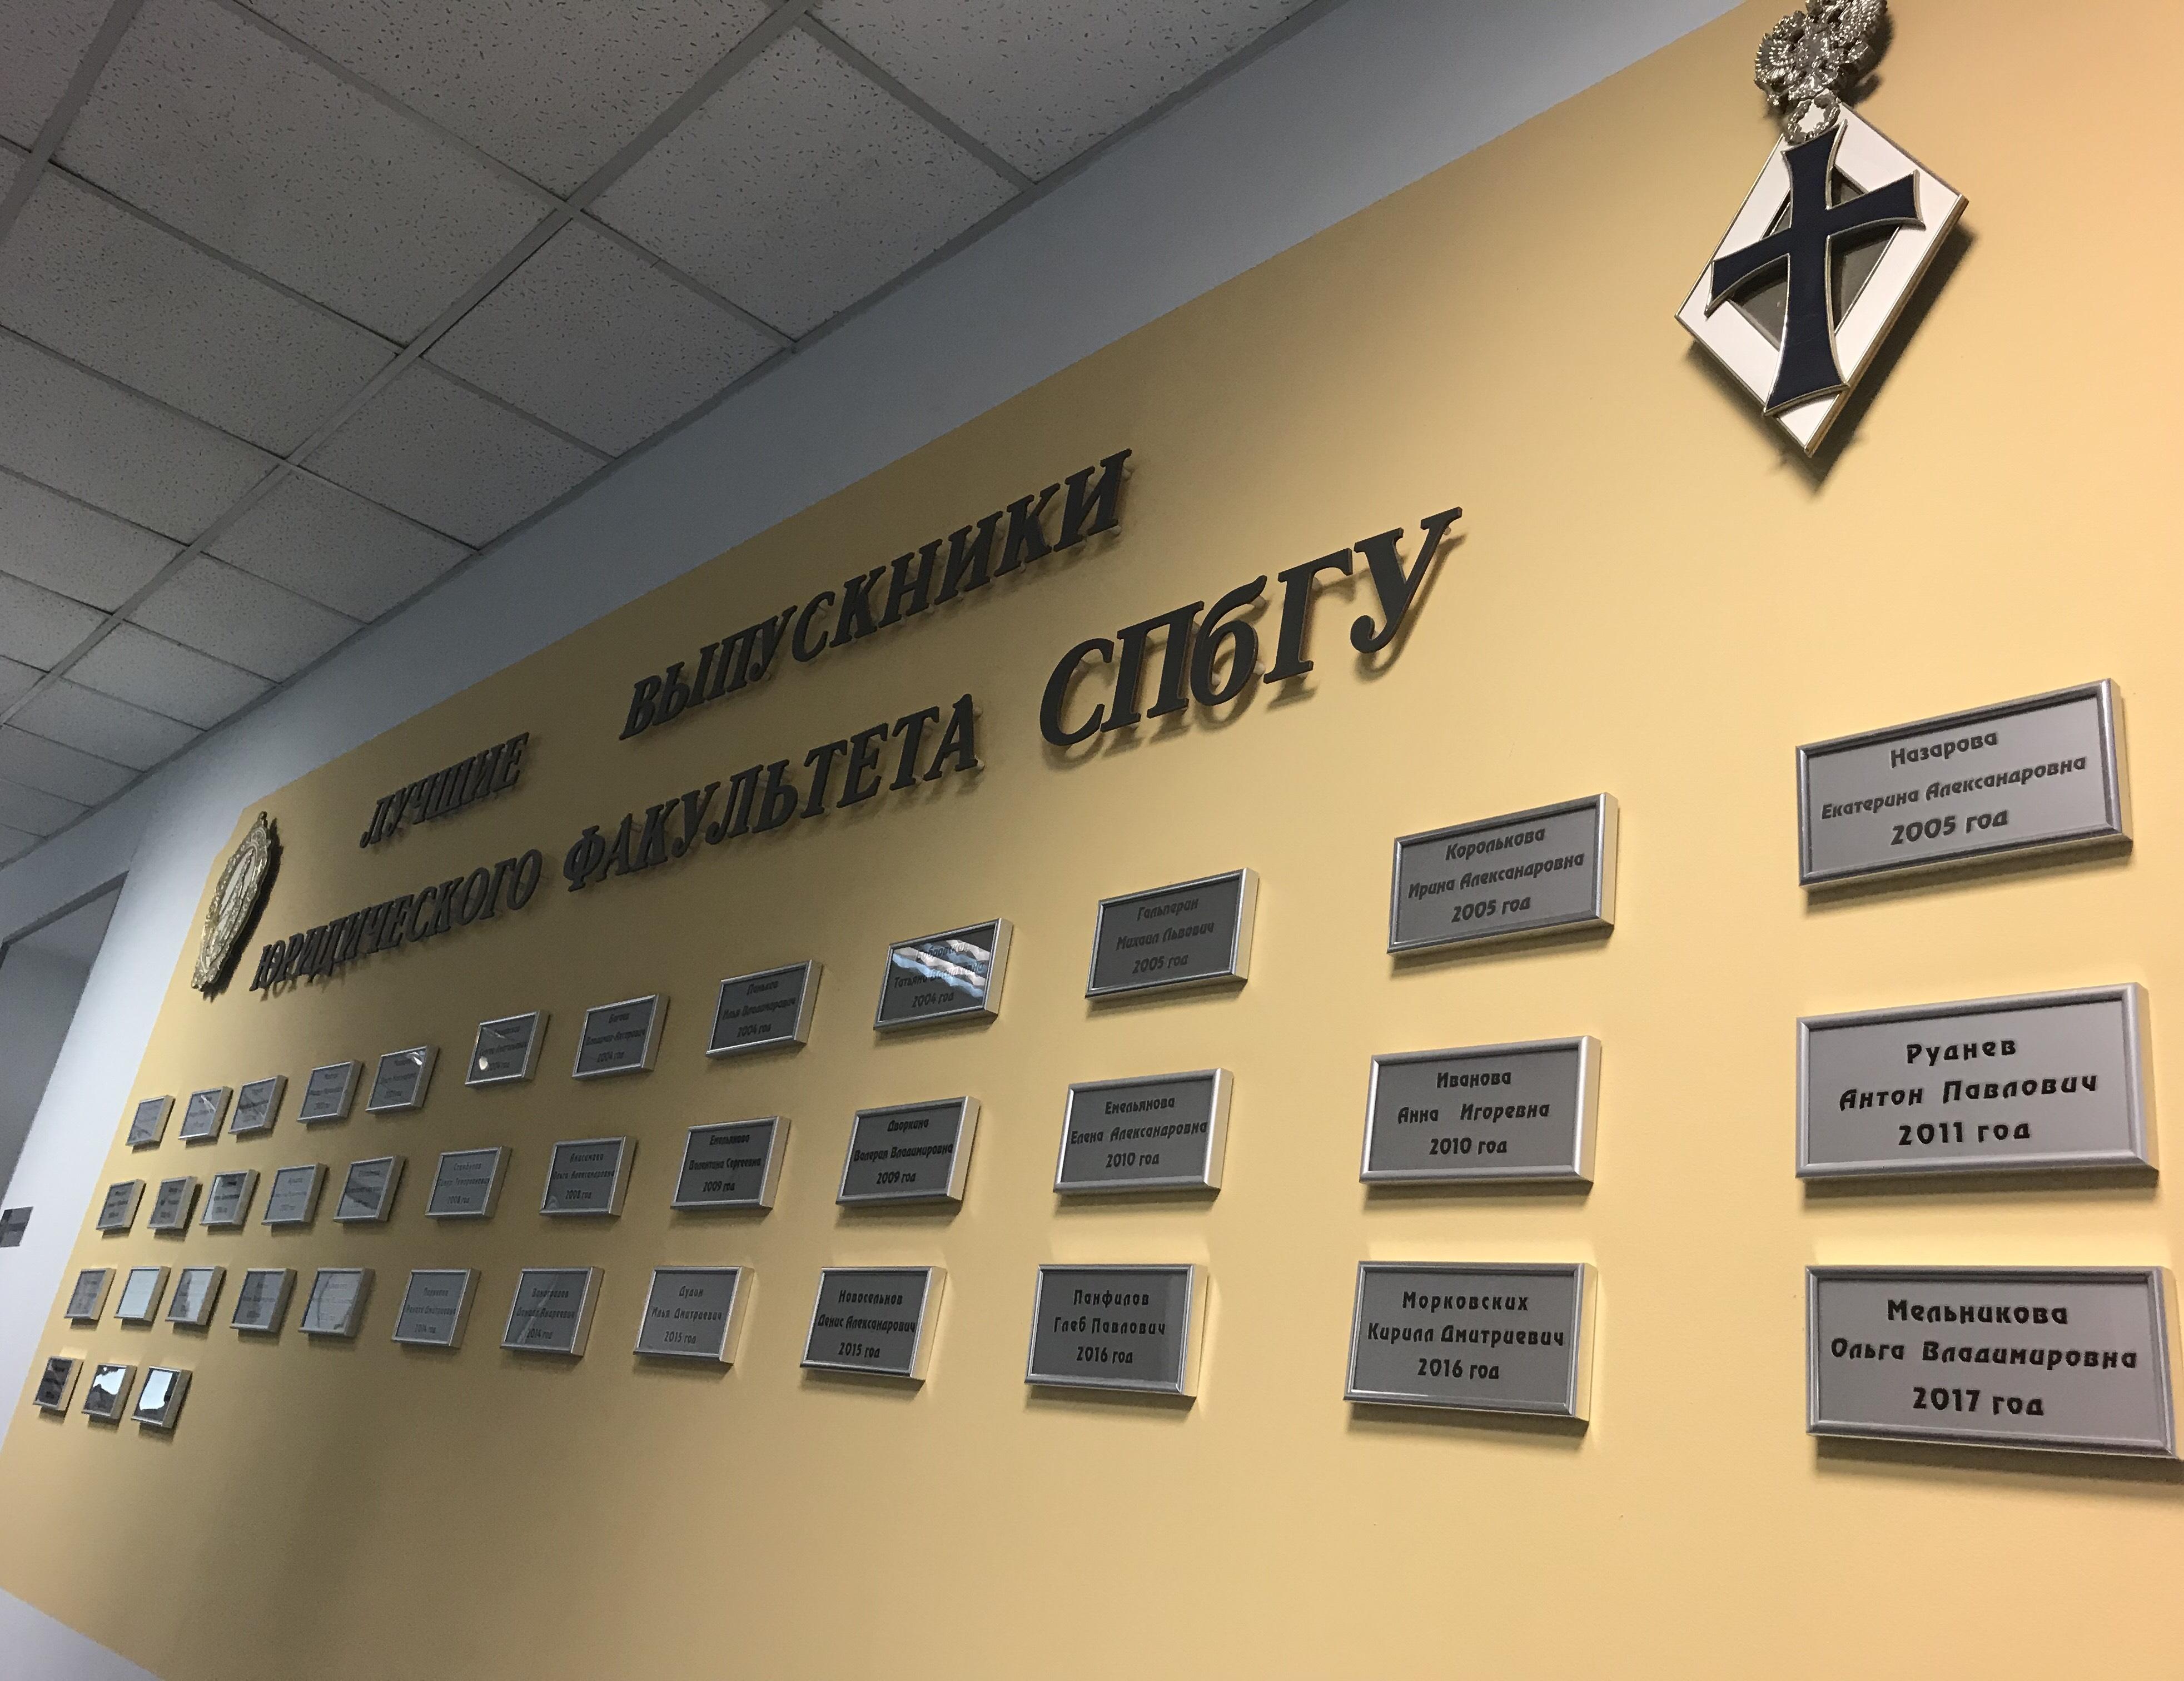 Участие представителей кафедры уголовного процесса, криминалистики и судебной экспертизы в научной конференции СПбГУ